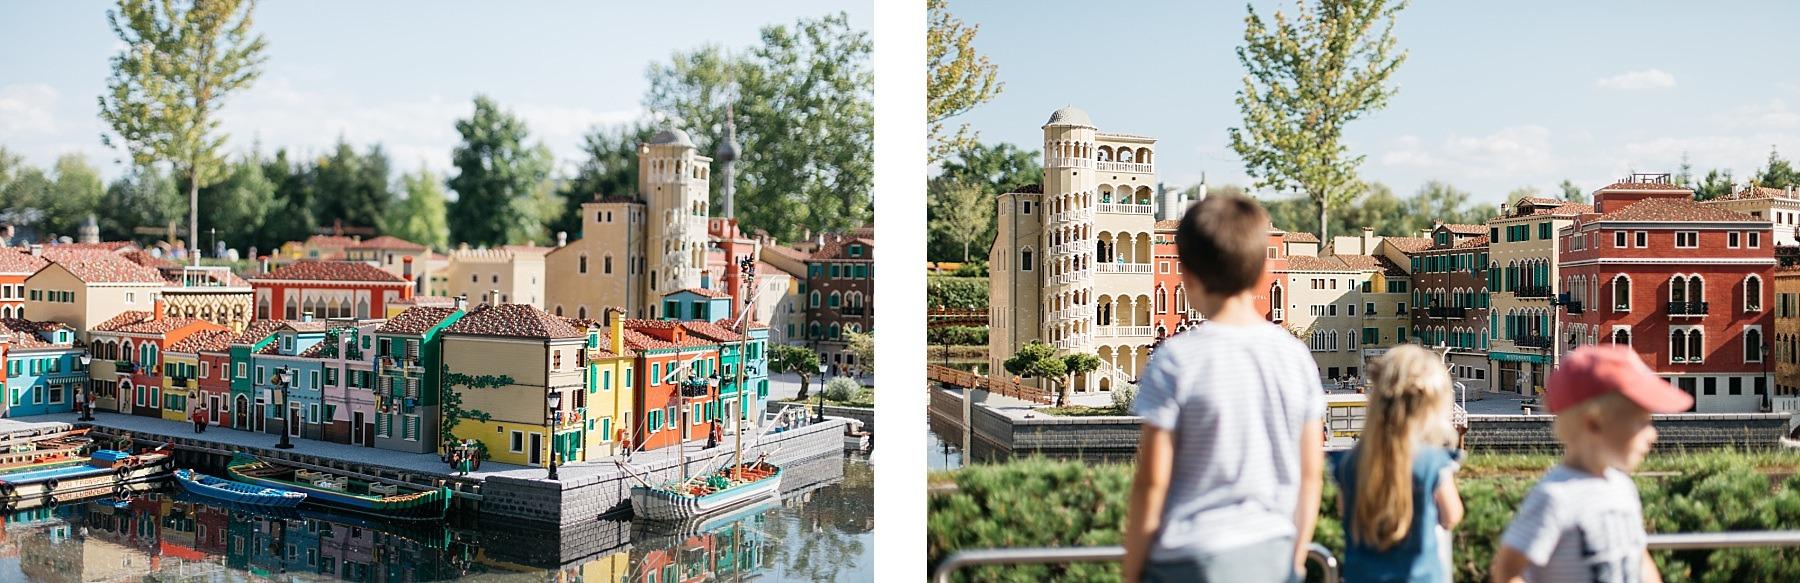 Legoland - 57 millions de briques Lego 29